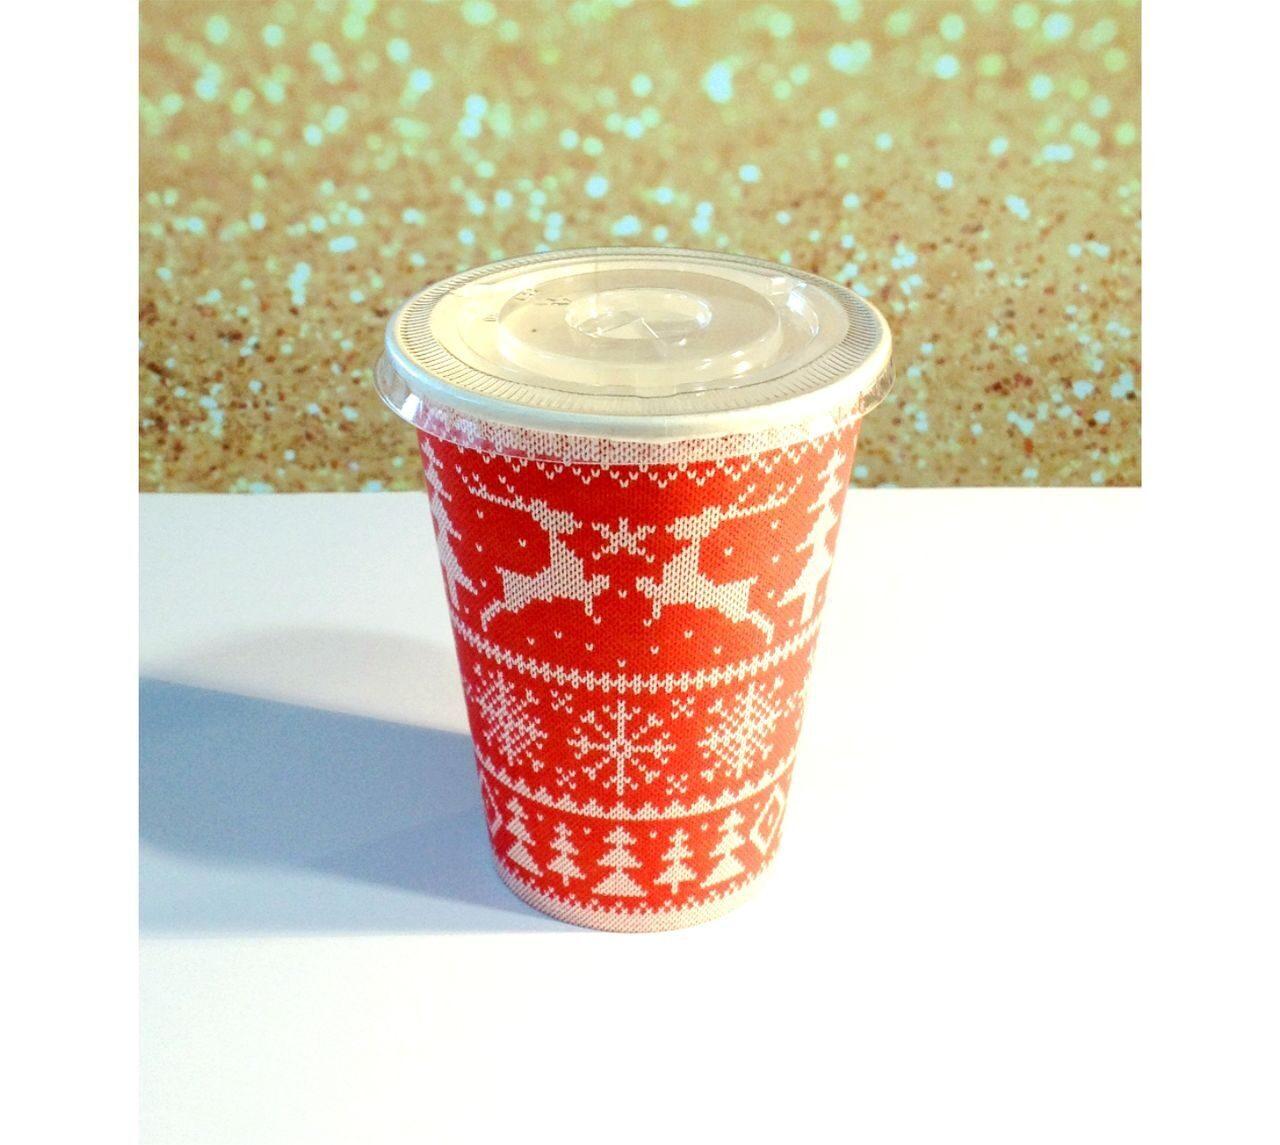 Бумажные стаканчики для горячих напитков оптом в Москве